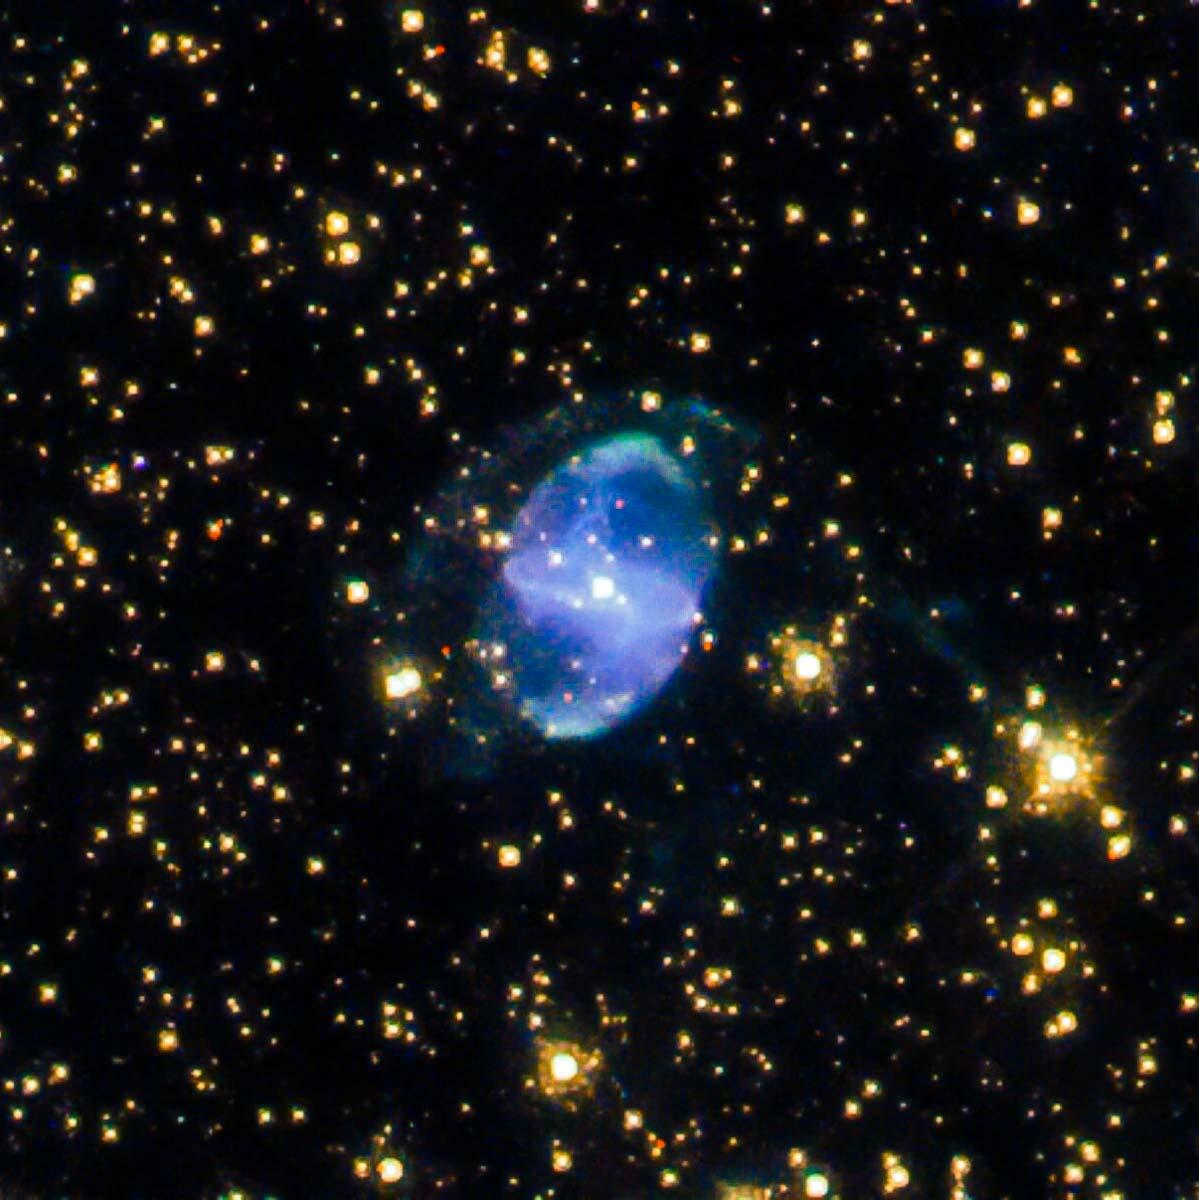 Hubble explora um 'distribuidor interestelar' na constelação de Escorpião